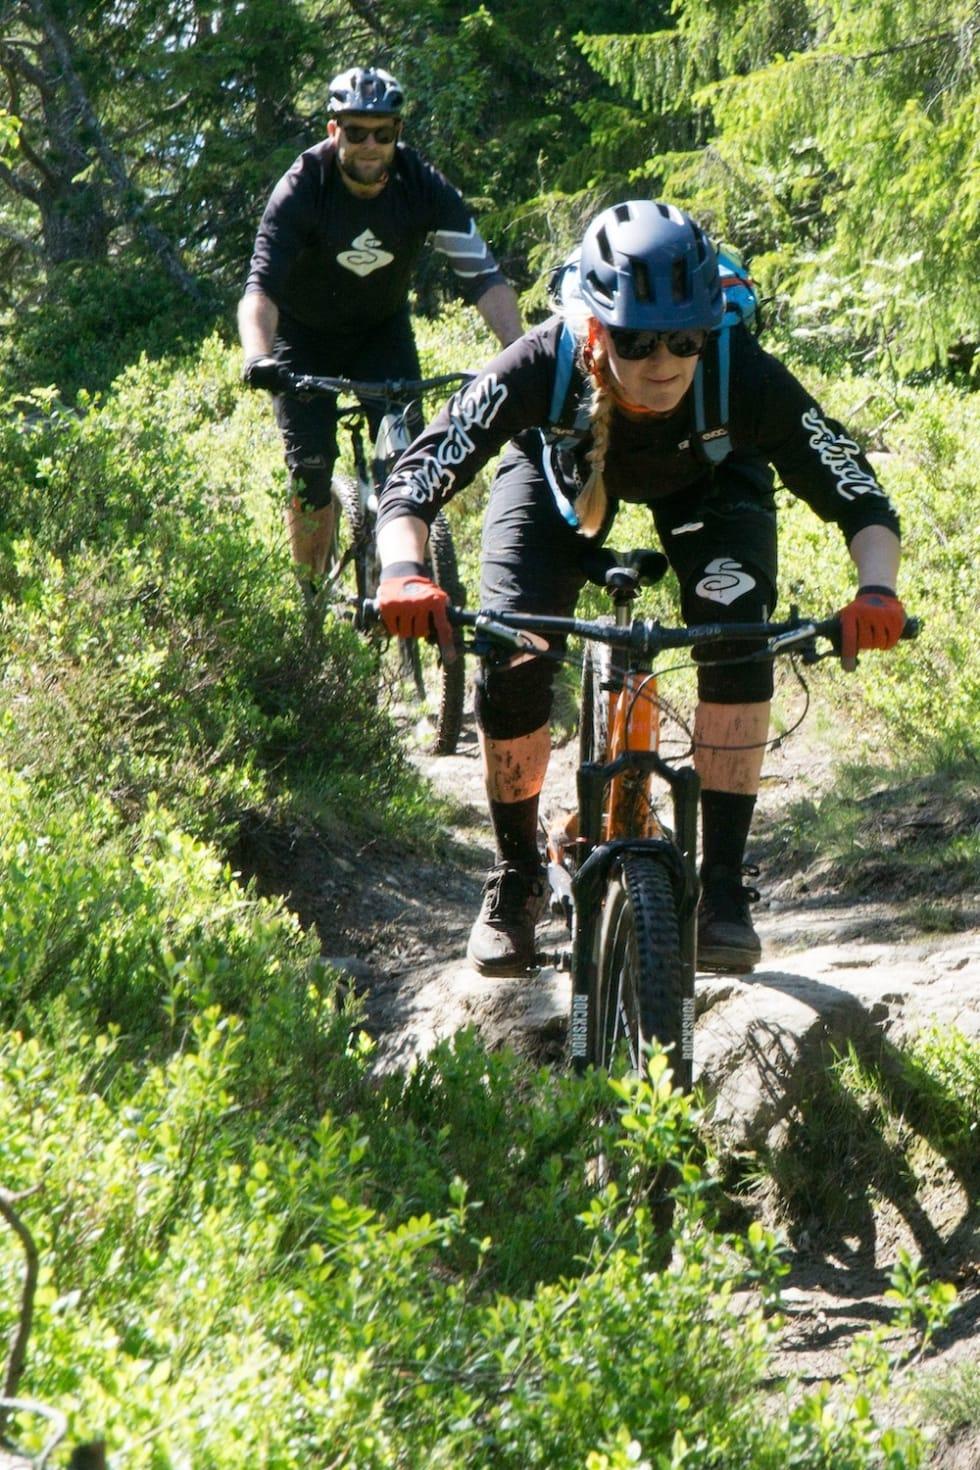 Rett posisjon på sykkelen. Foto: Zoltson